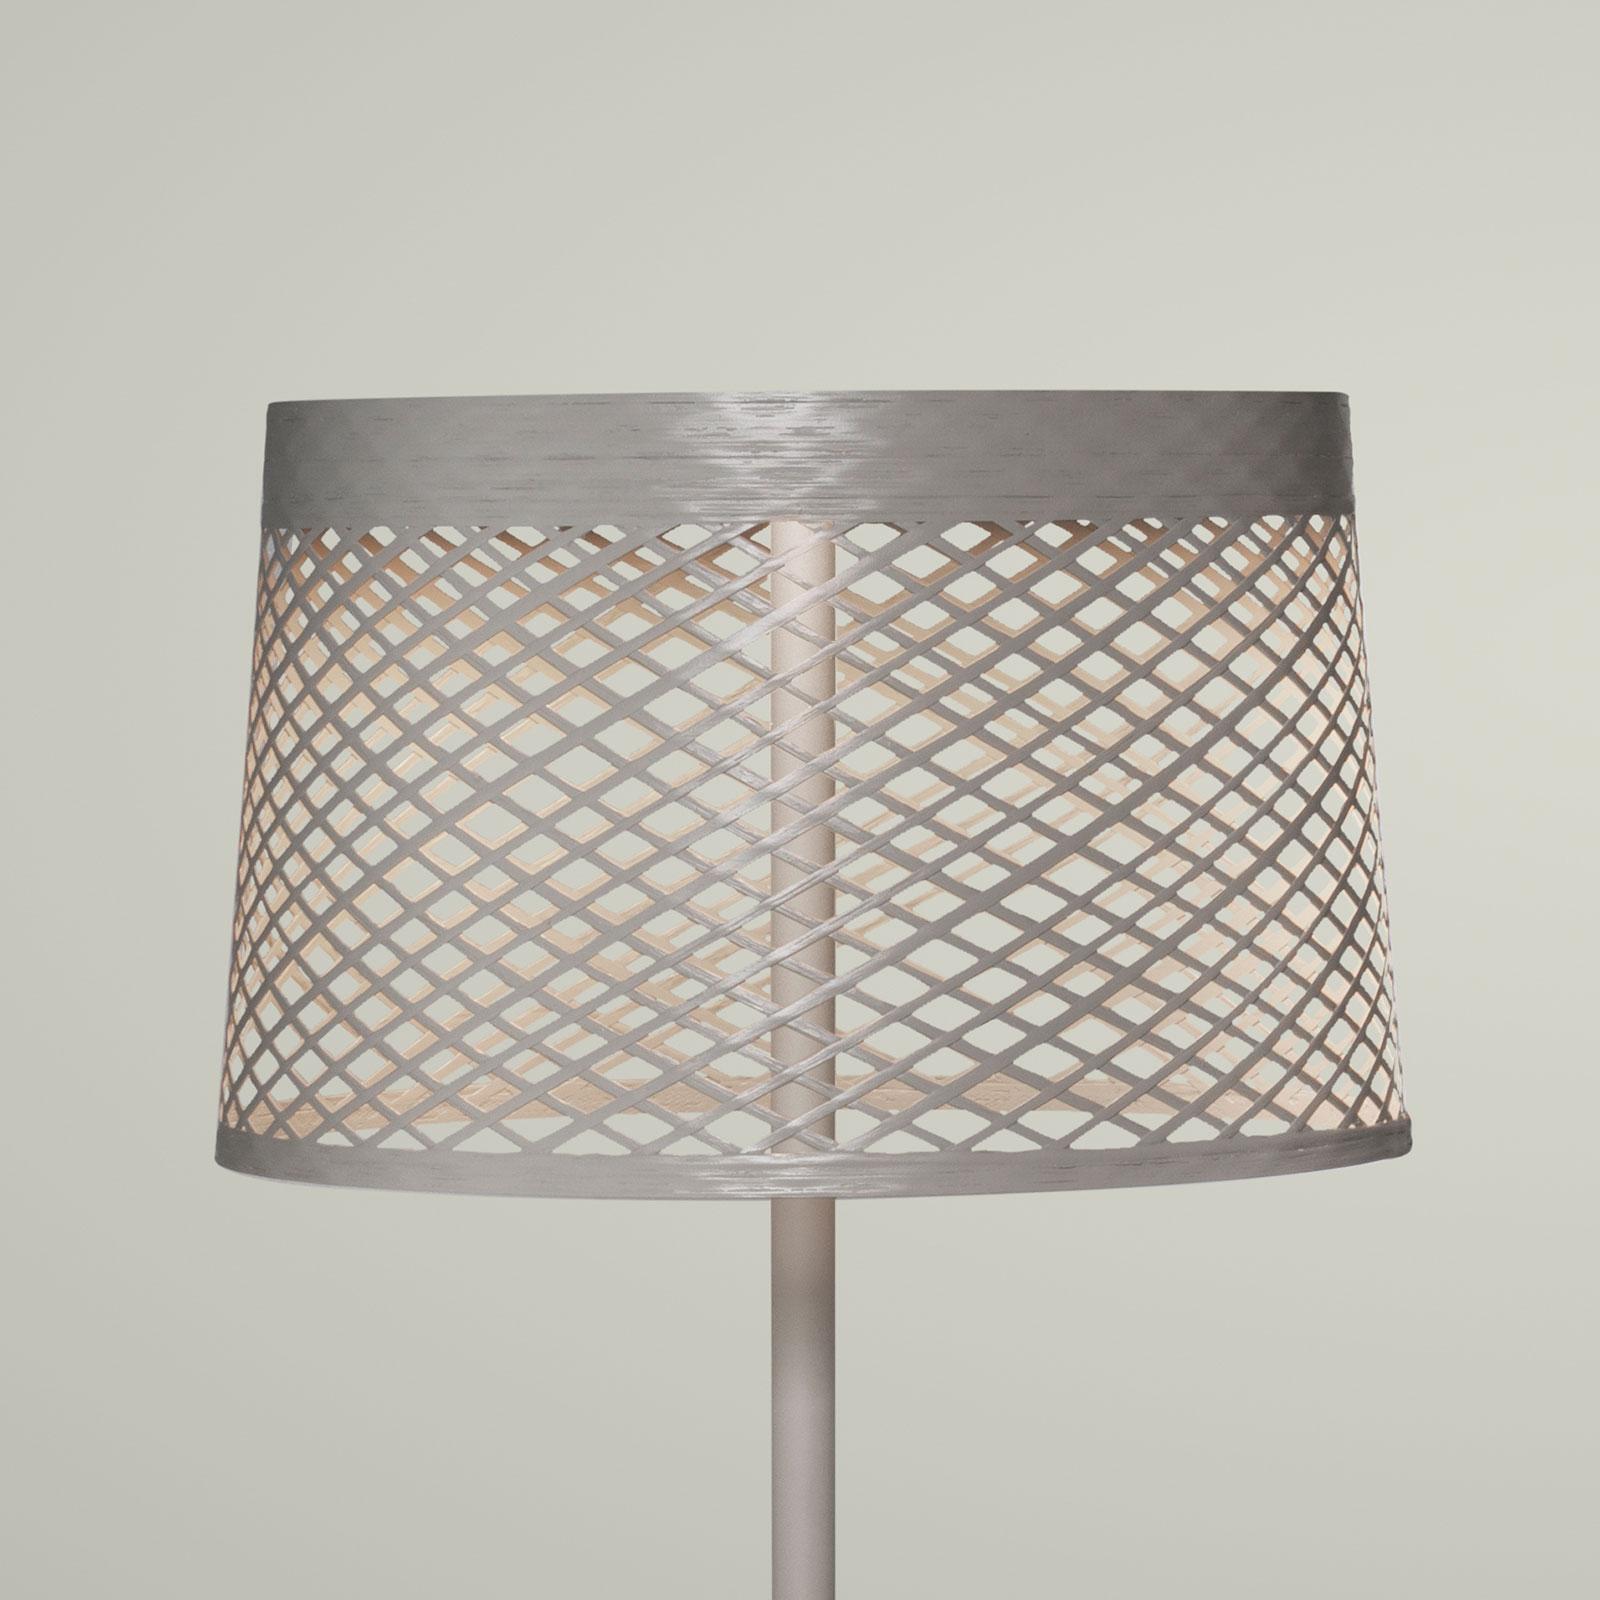 Foscarini Twiggy Grid lettura Stehlampe, greige